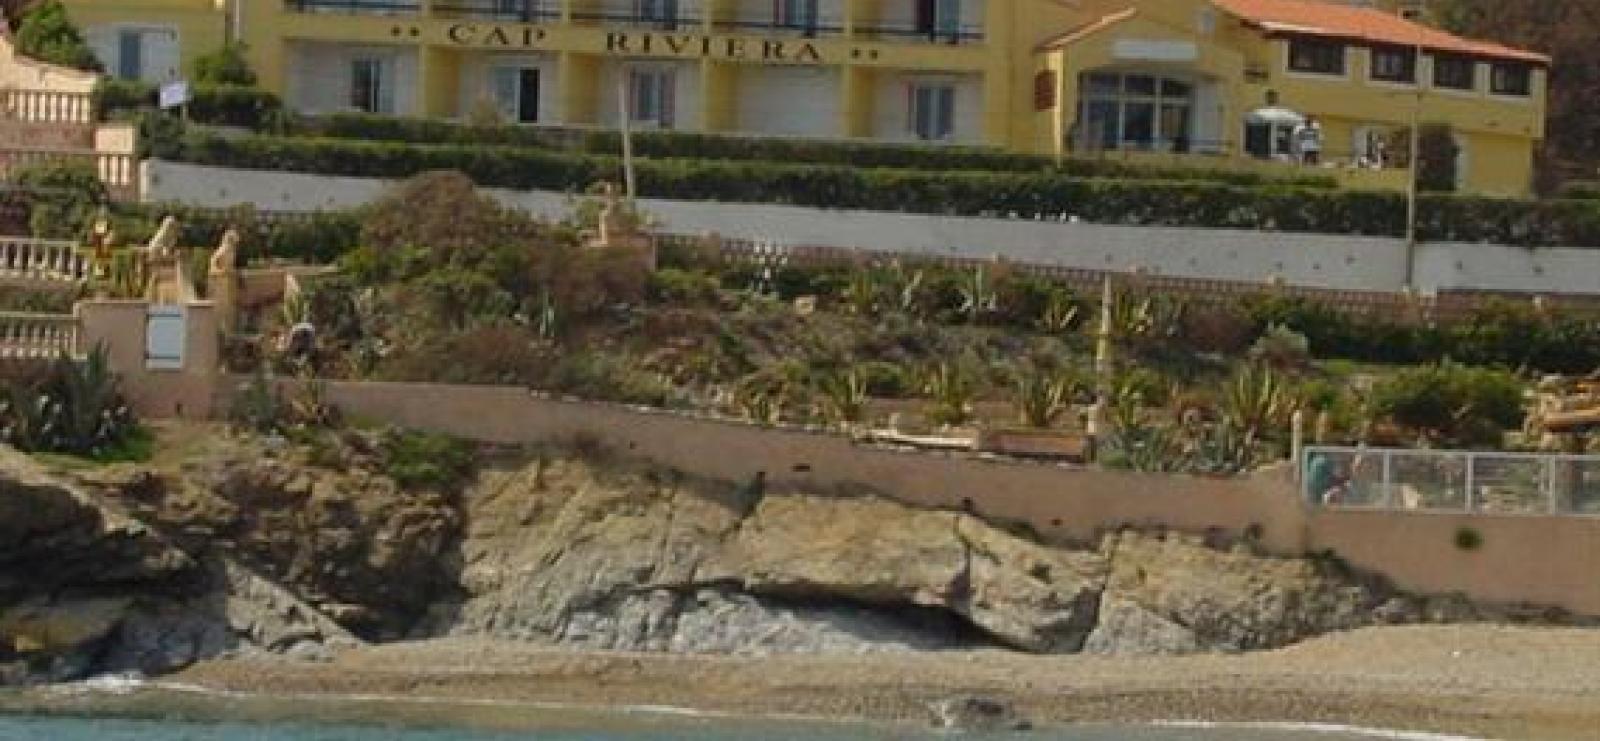 Cap Riviera - St-Aygulf - Fréjus - l'hôtel et la plage